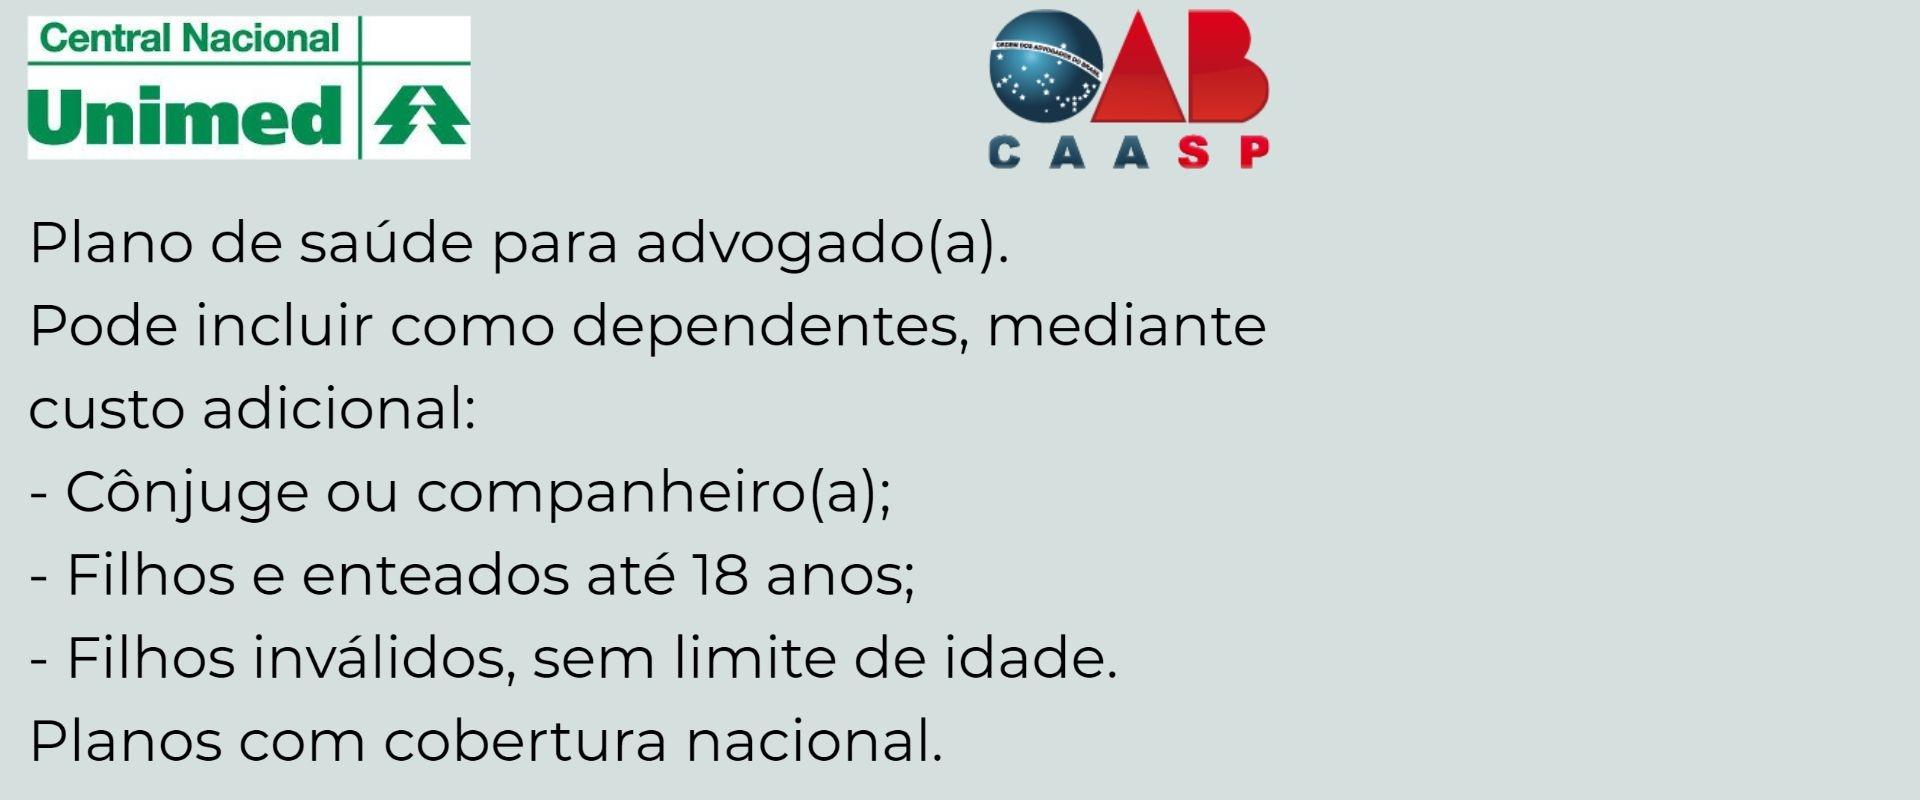 Unimed CAASP Tatuí